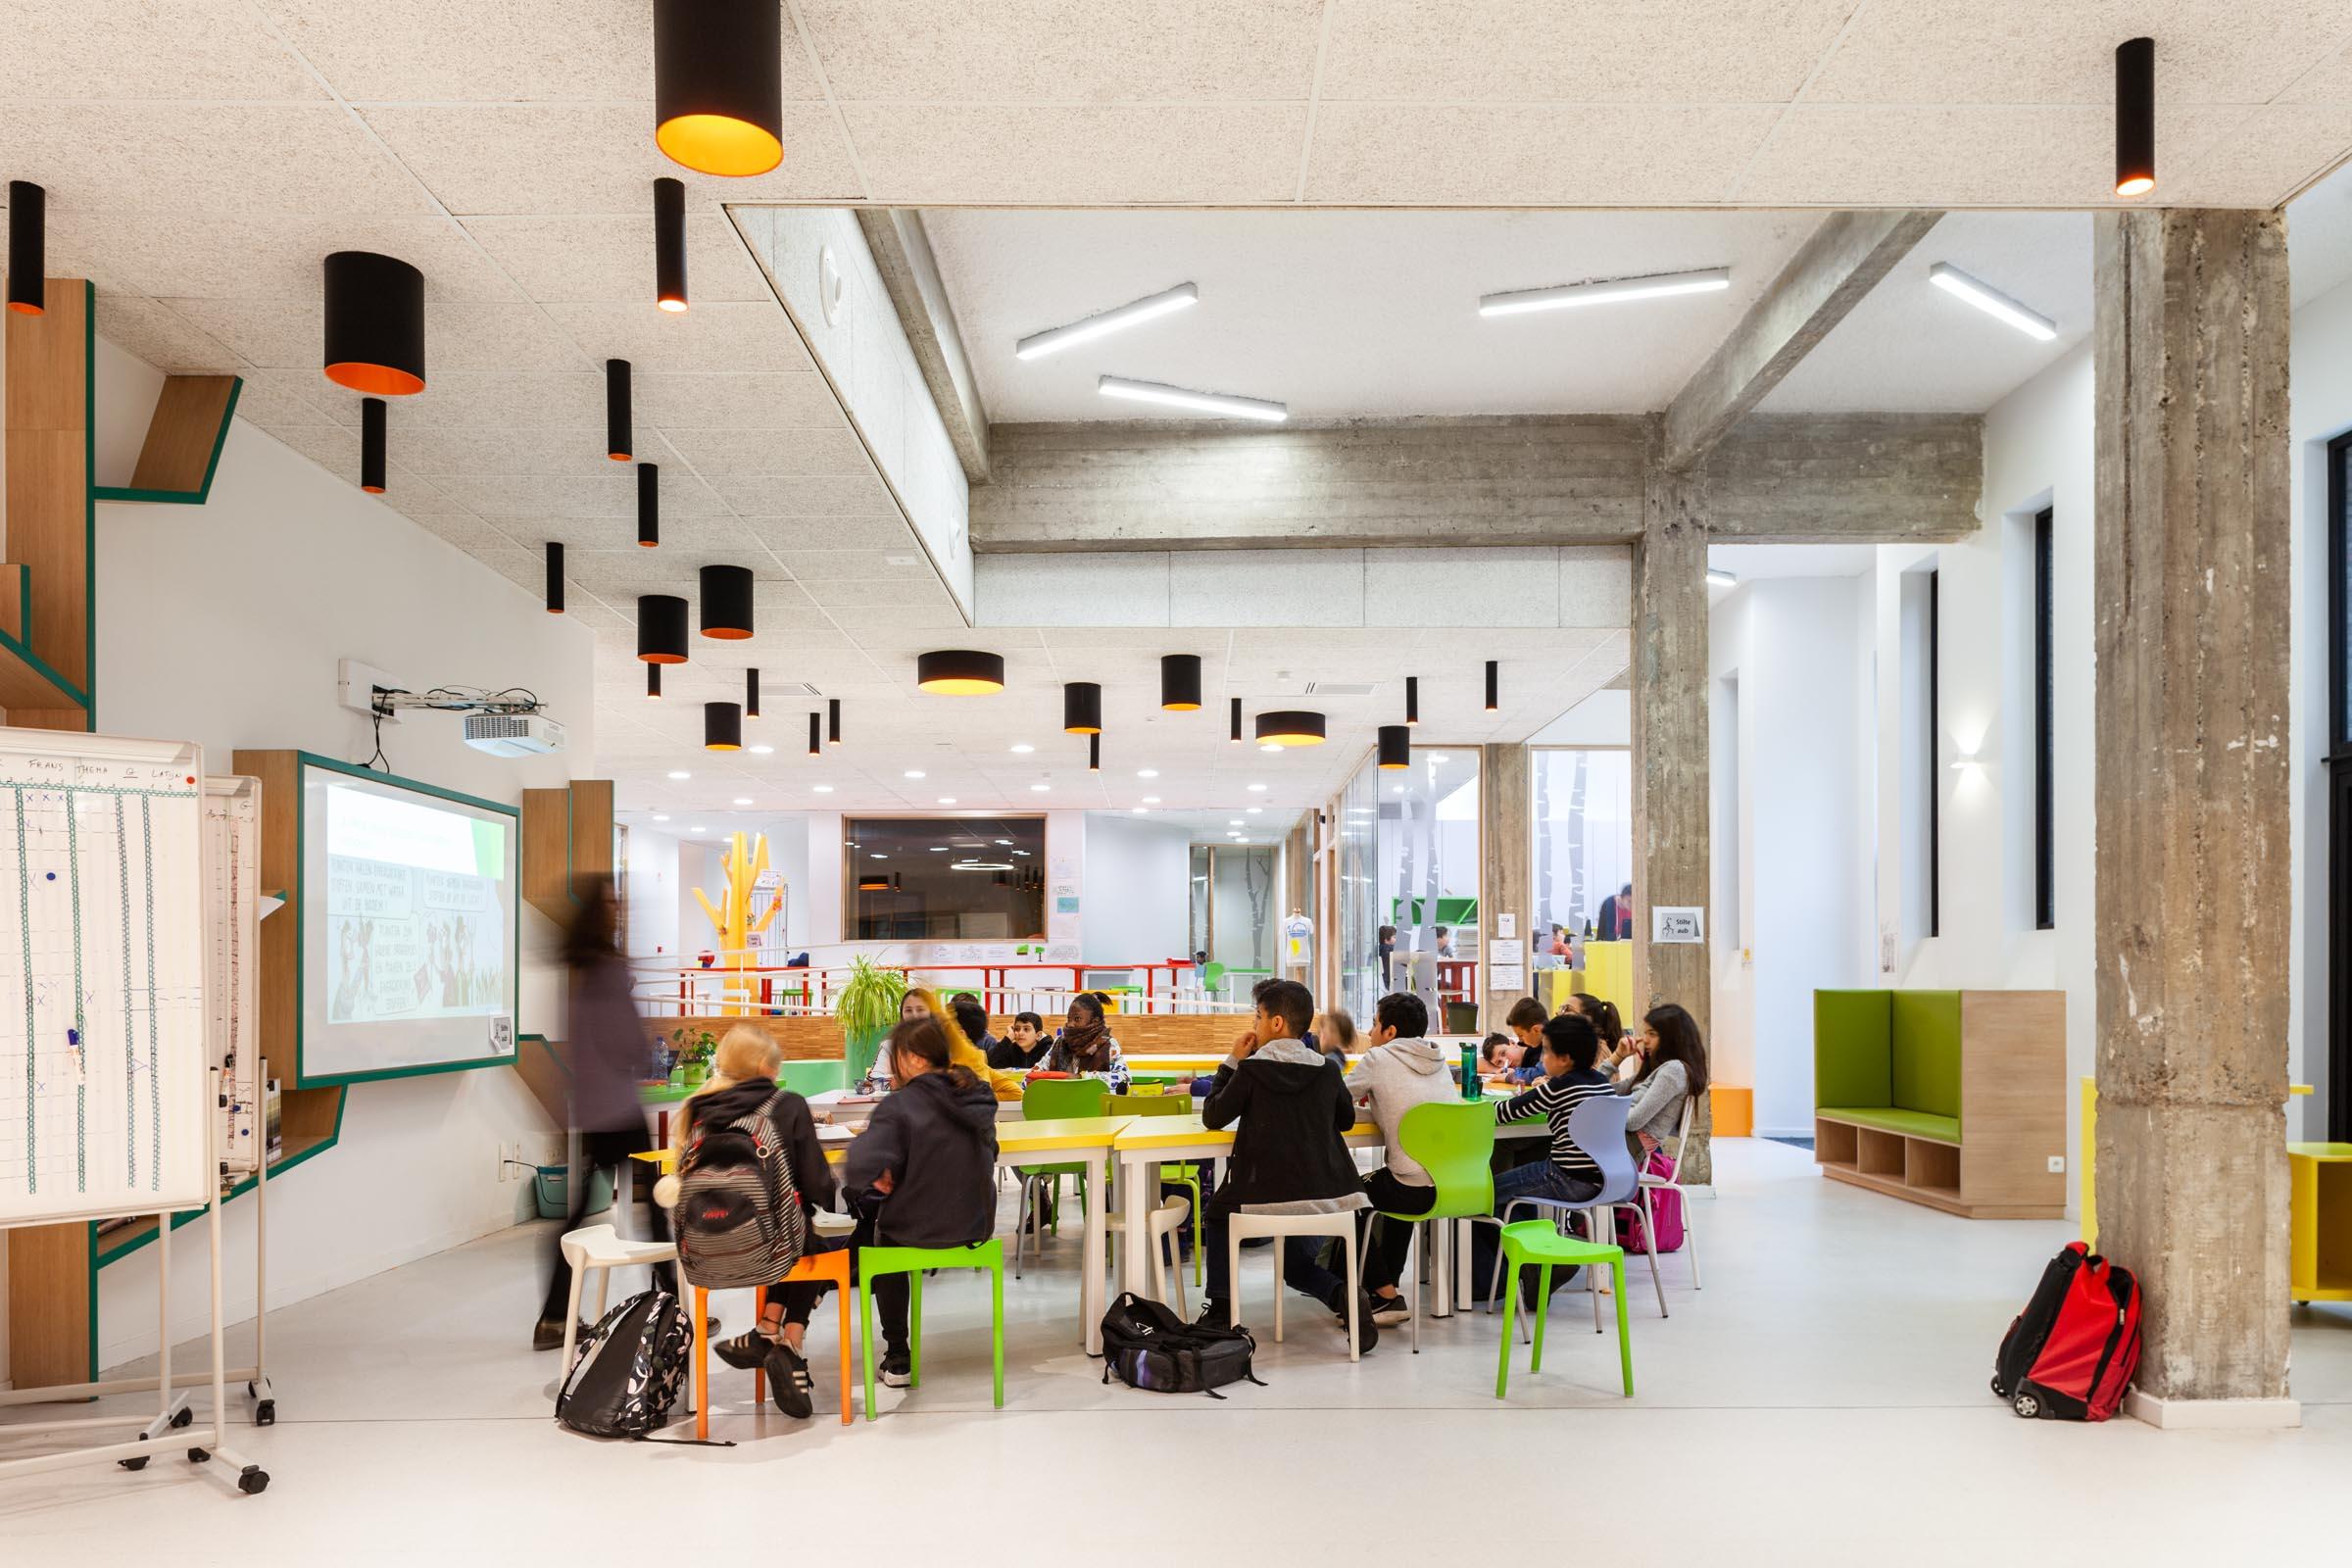 SCHEUT - school by OSK-AR architecten